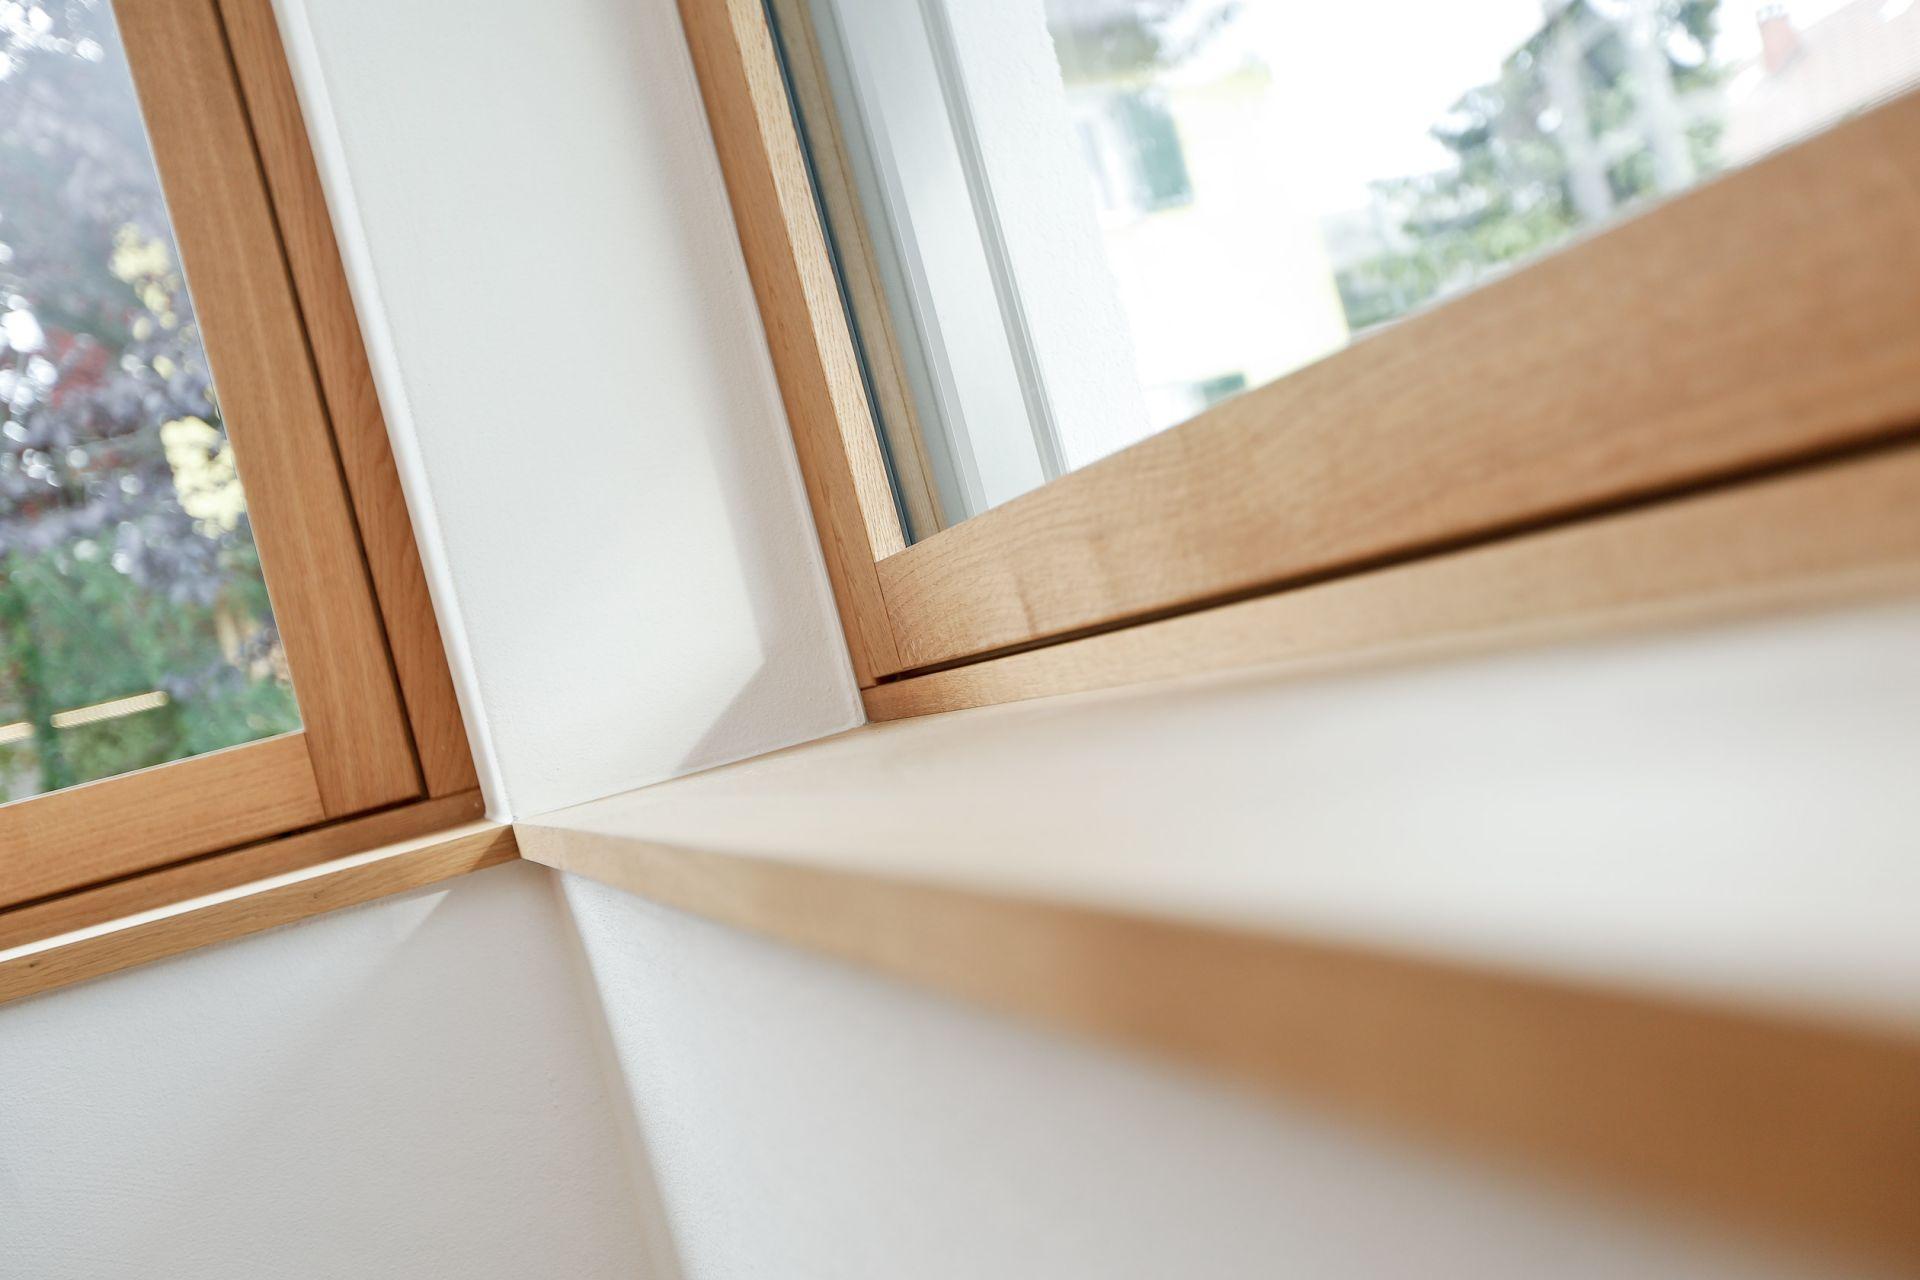 Full Size of Holz Alu Fenster Kunststoff Oder Plissee Sichtschutz Für Online Konfigurator Garten Loungemöbel Küche Weiß Günstig Kaufen Schüco Massivholz Esstisch Fenster Holz Alu Fenster